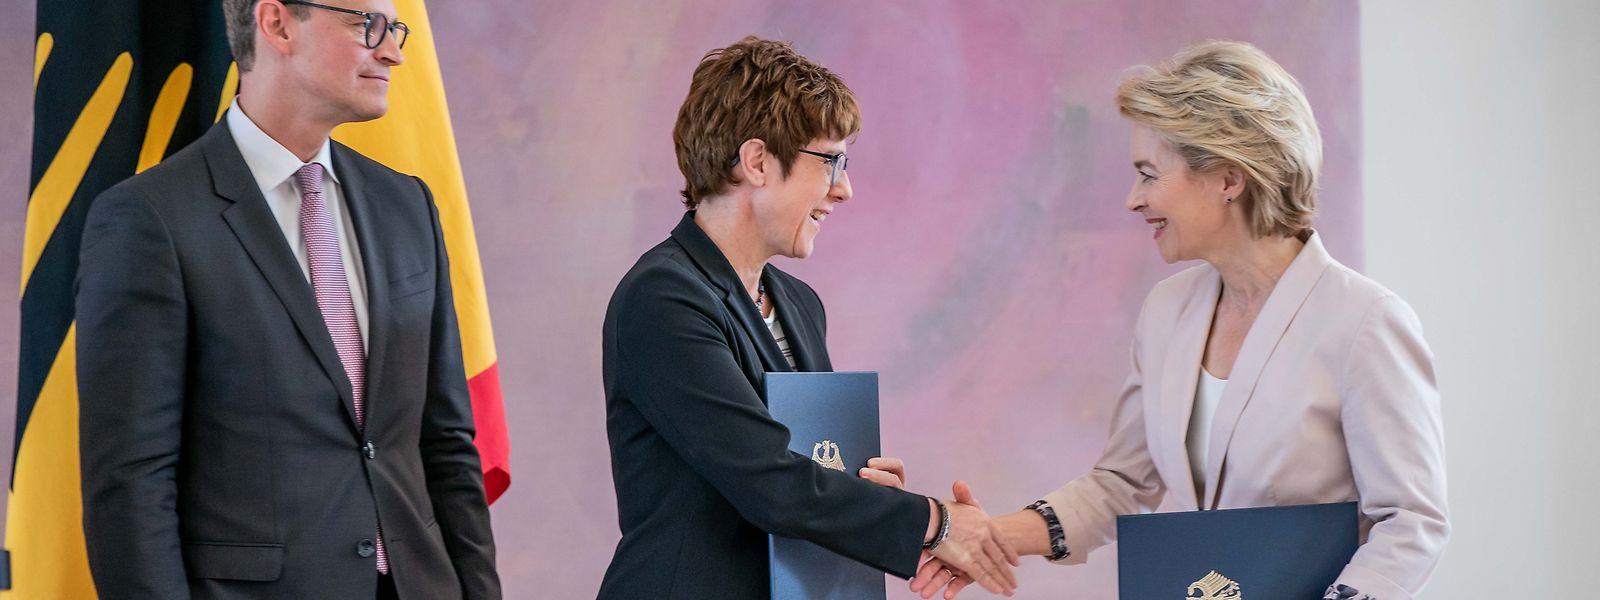 Stabwechsel: Ursula von der Leyen (r.), scheidende Verteidigungsministerin übergibt ihr Amt an ihre Nachfolgerin Annegret Kramp-Karrenbauer, Bundesvorsitzende der CDU.